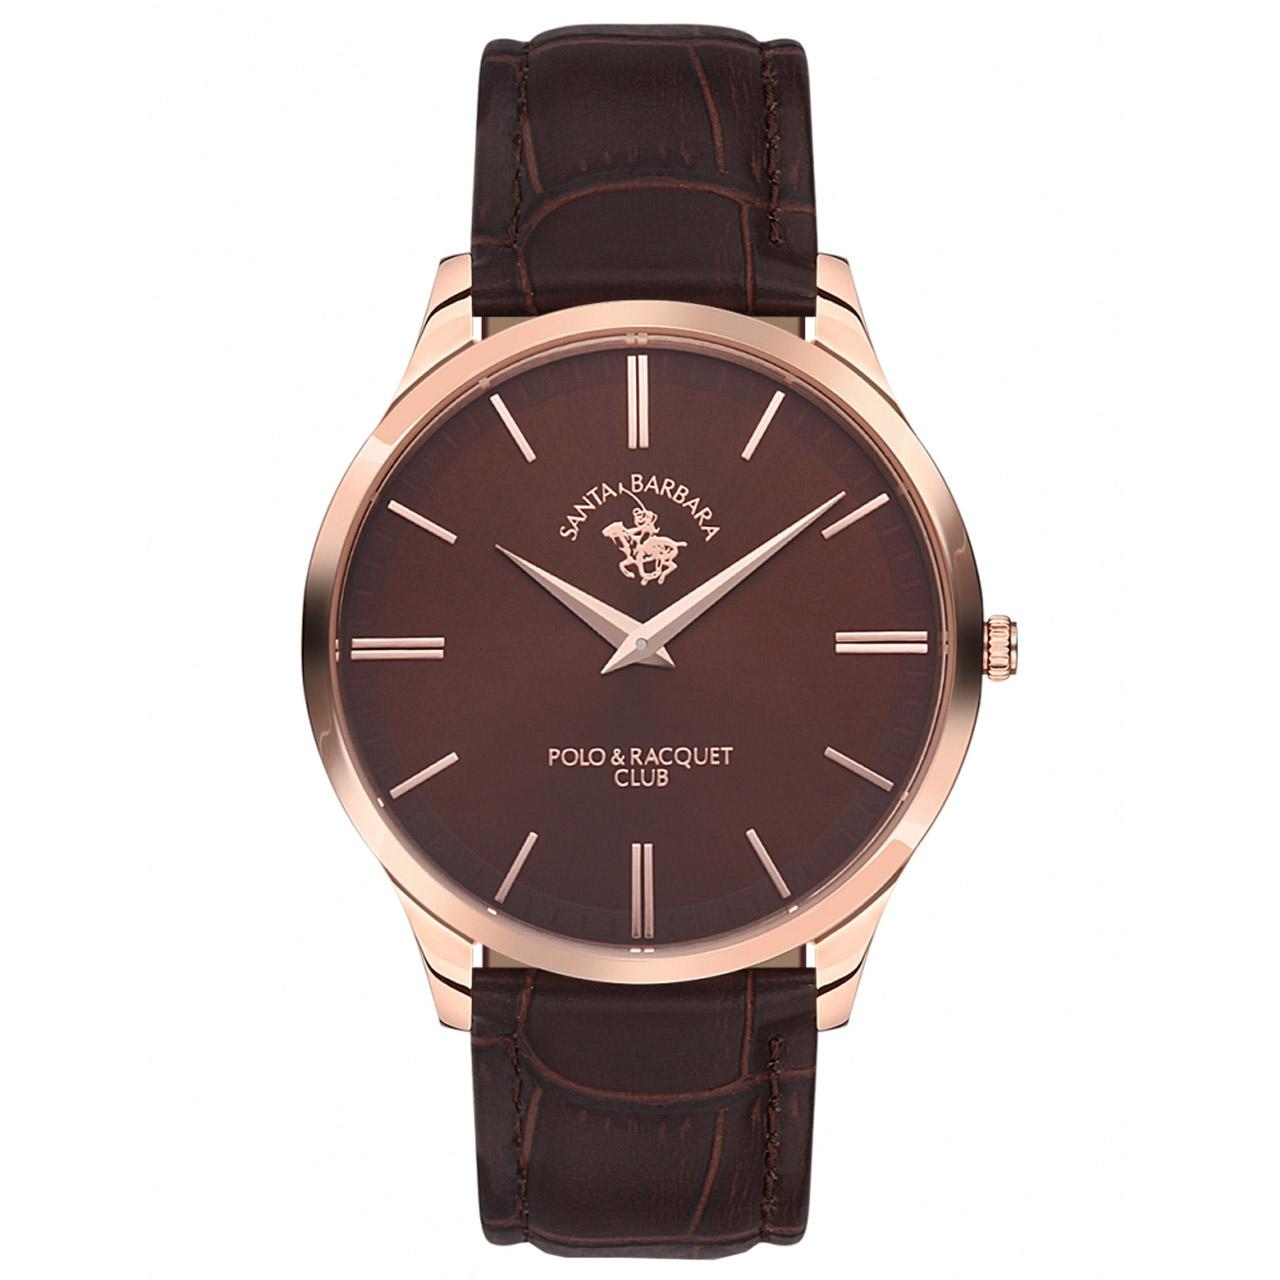 ساعت مچی عقربه ای مردانه سانتا باربارا مدل sb.10.1127.3